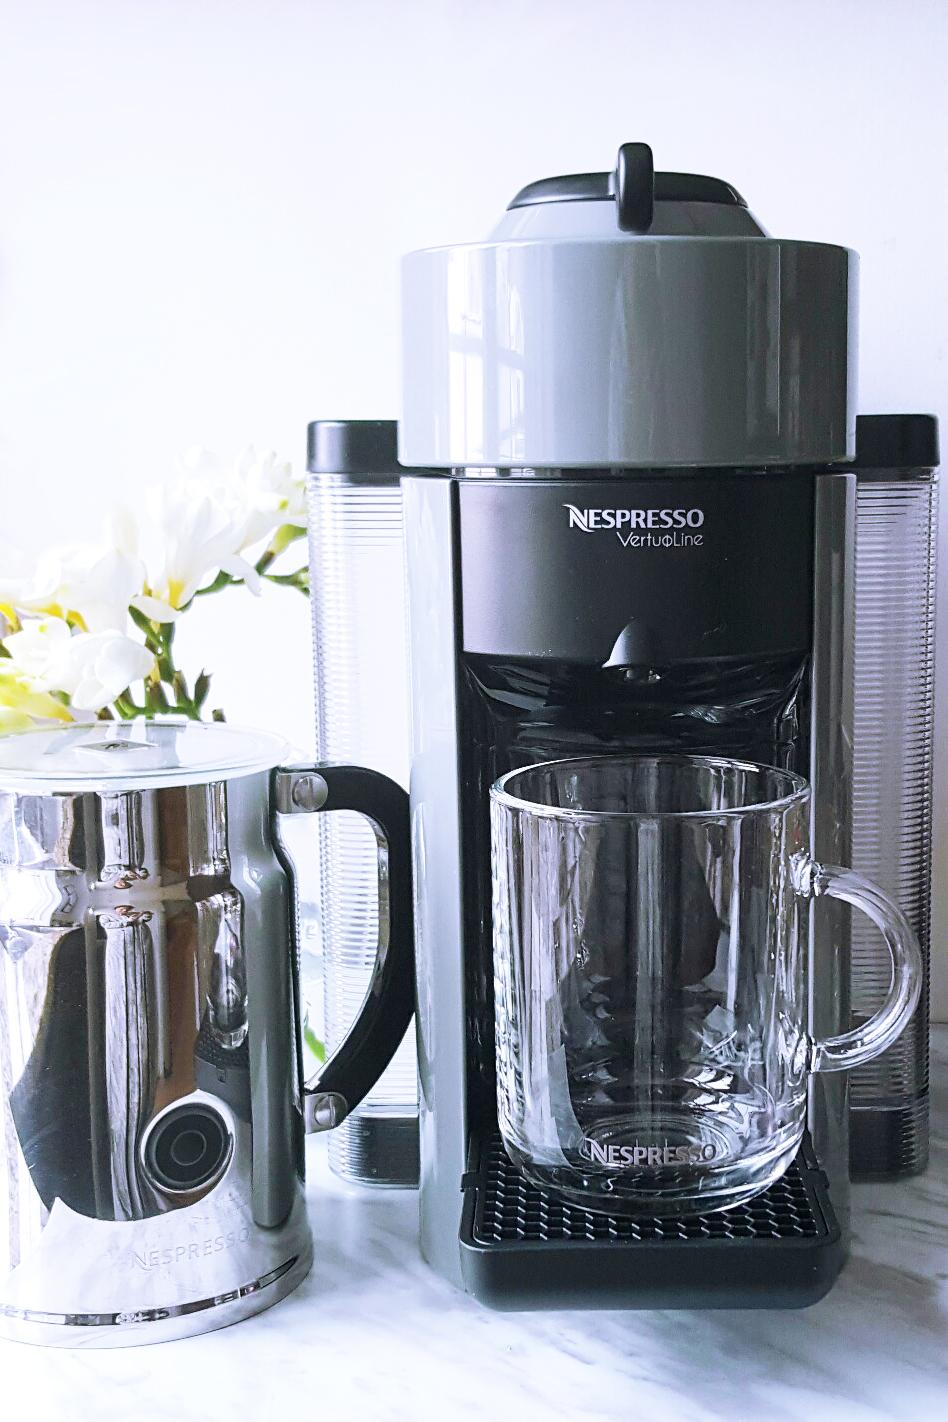 Nespresso VertuoLine 6